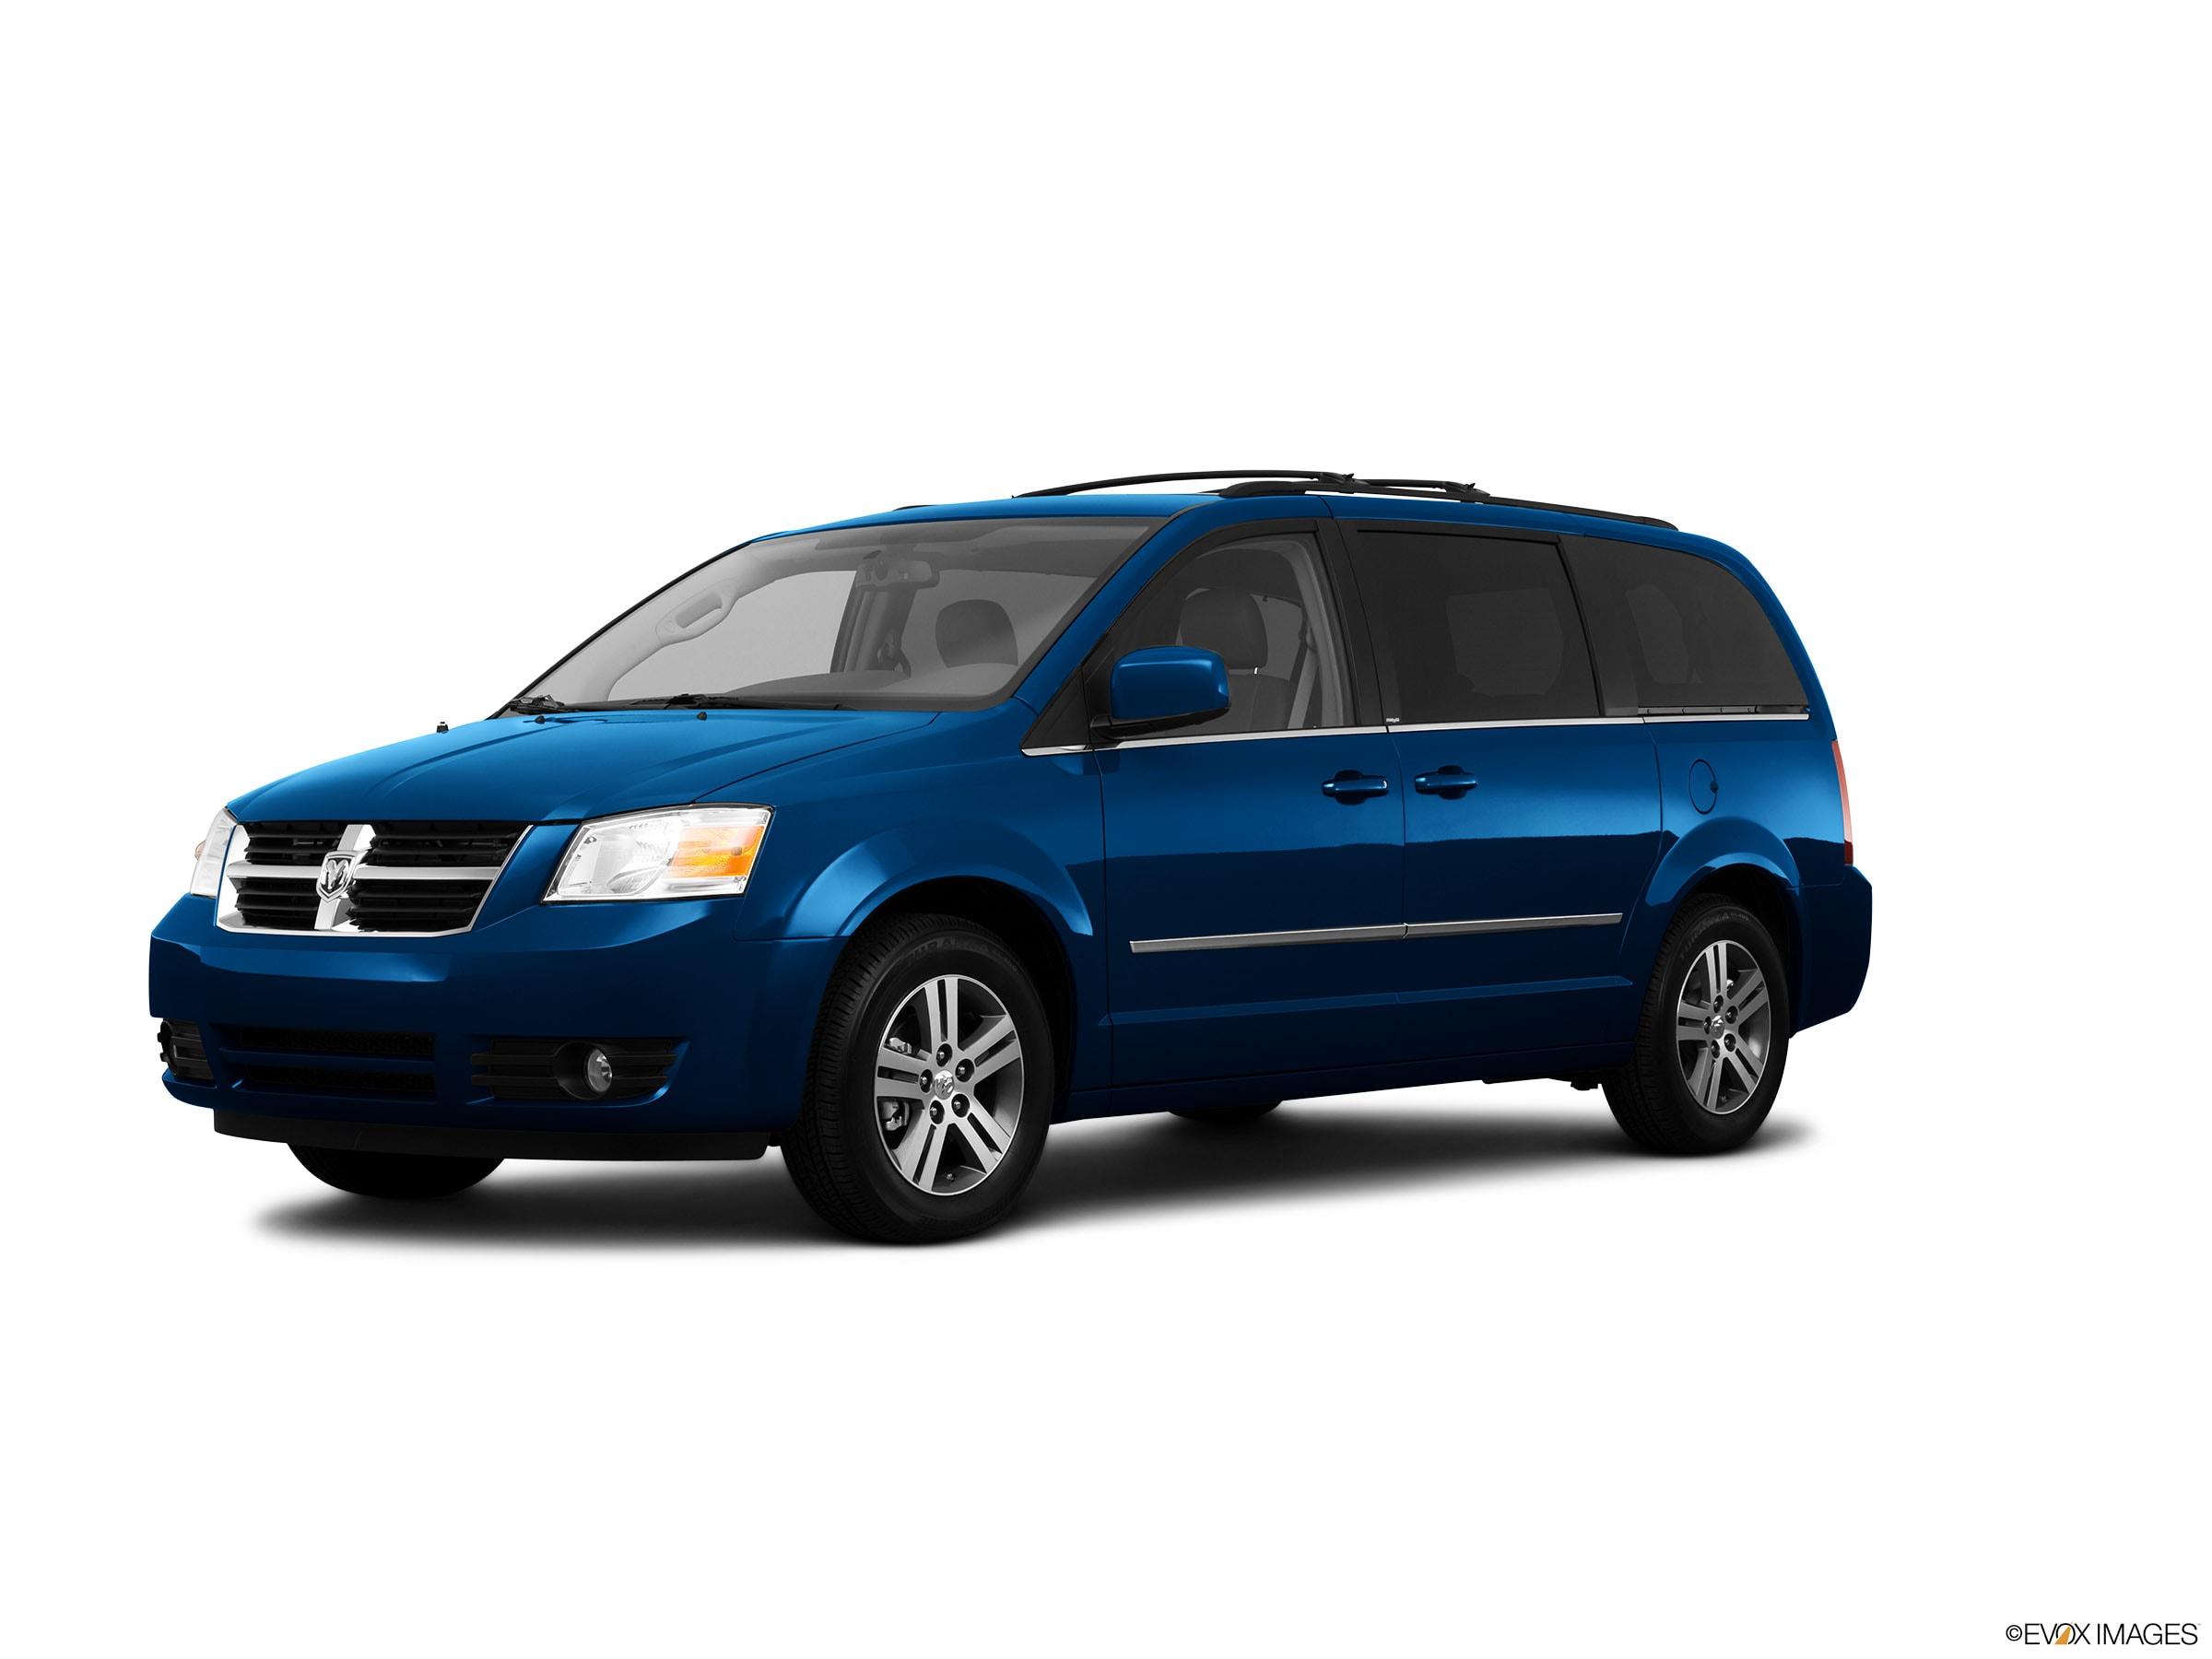 2010 Dodge Grand Caravan SXT Passenger Van